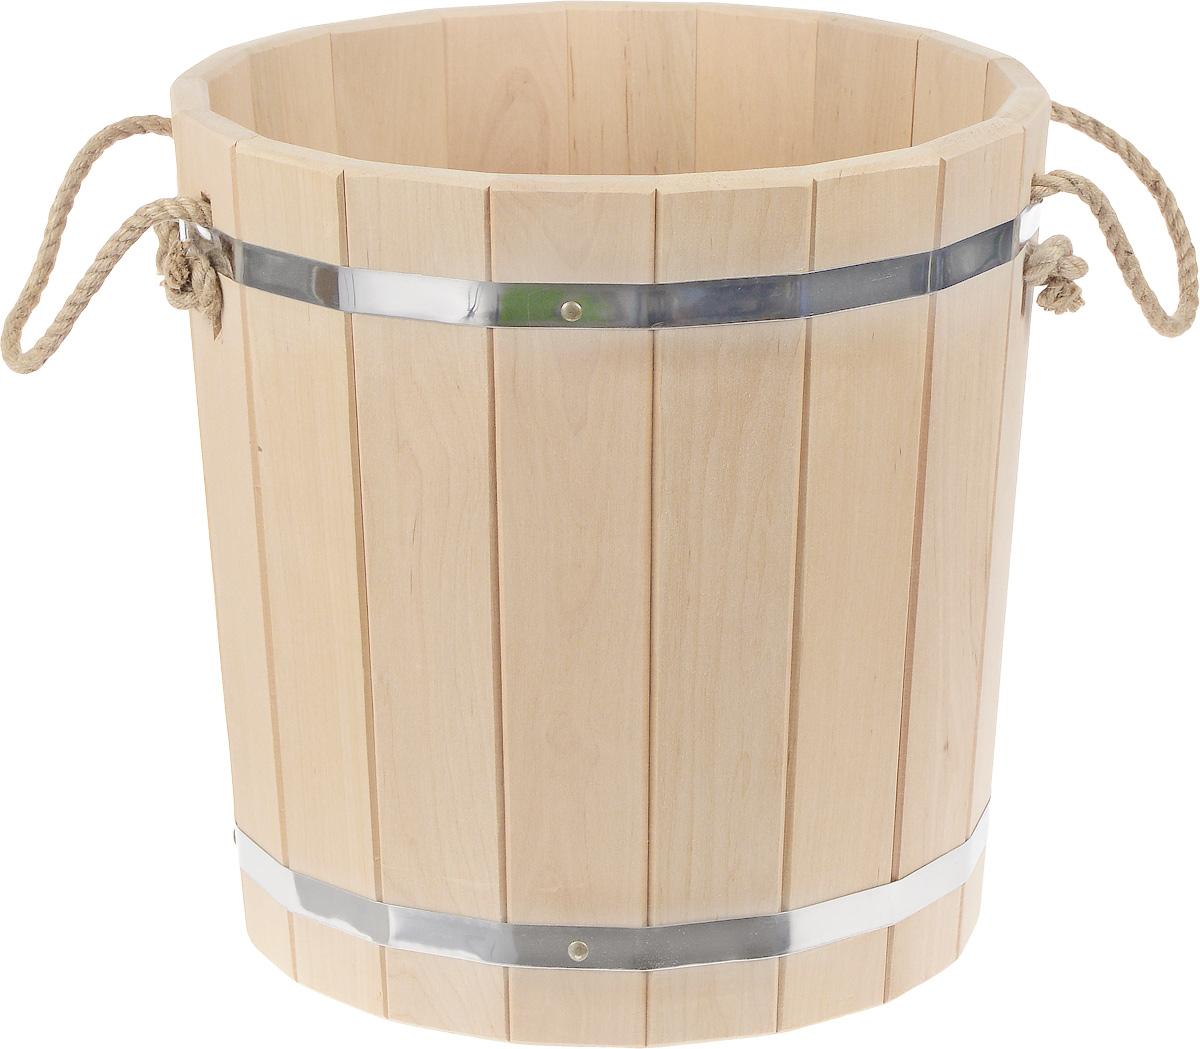 Запарник Доктор баня, с веревочными ручками, 25 л8326_без крышкиЗапарник Банные штучки, изготовленный из дерева (кедр), доставит вам настоящее удовольствие от банной процедуры. При запаривании веник обретает свою природную силу и сохраняет полезные свойства. Корпус запарника состоит из металлических обручей, стянутых клепками. Для более удобного использования запарник имеет веревочные ручки. Баня - место, где одинаково хорошо и в компании, и в одиночестве. Перекресток, казалось бы, разных направлений - общение и здоровье. Приятное и полезное. И всегда в позитиве. Высота запарника: 36,5 см. Диаметр запарника по верхнему краю: 36 см.